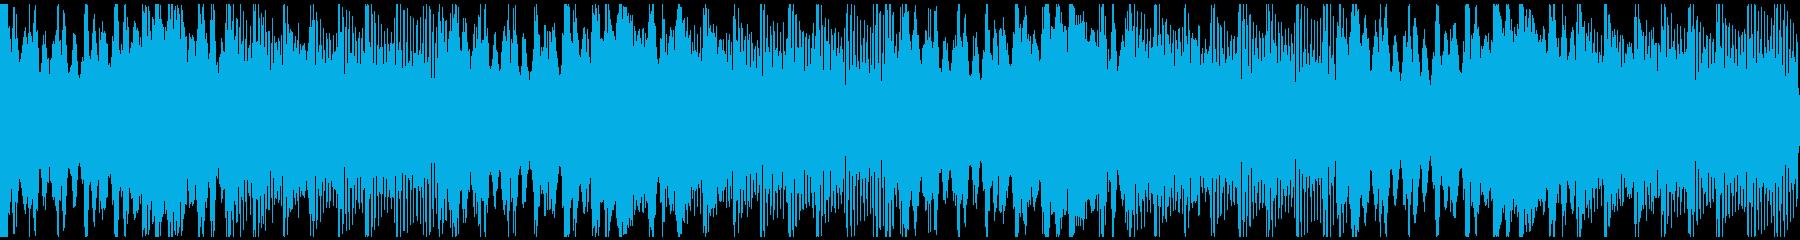 感動を演出するCM、爽やか動画、ループ3の再生済みの波形